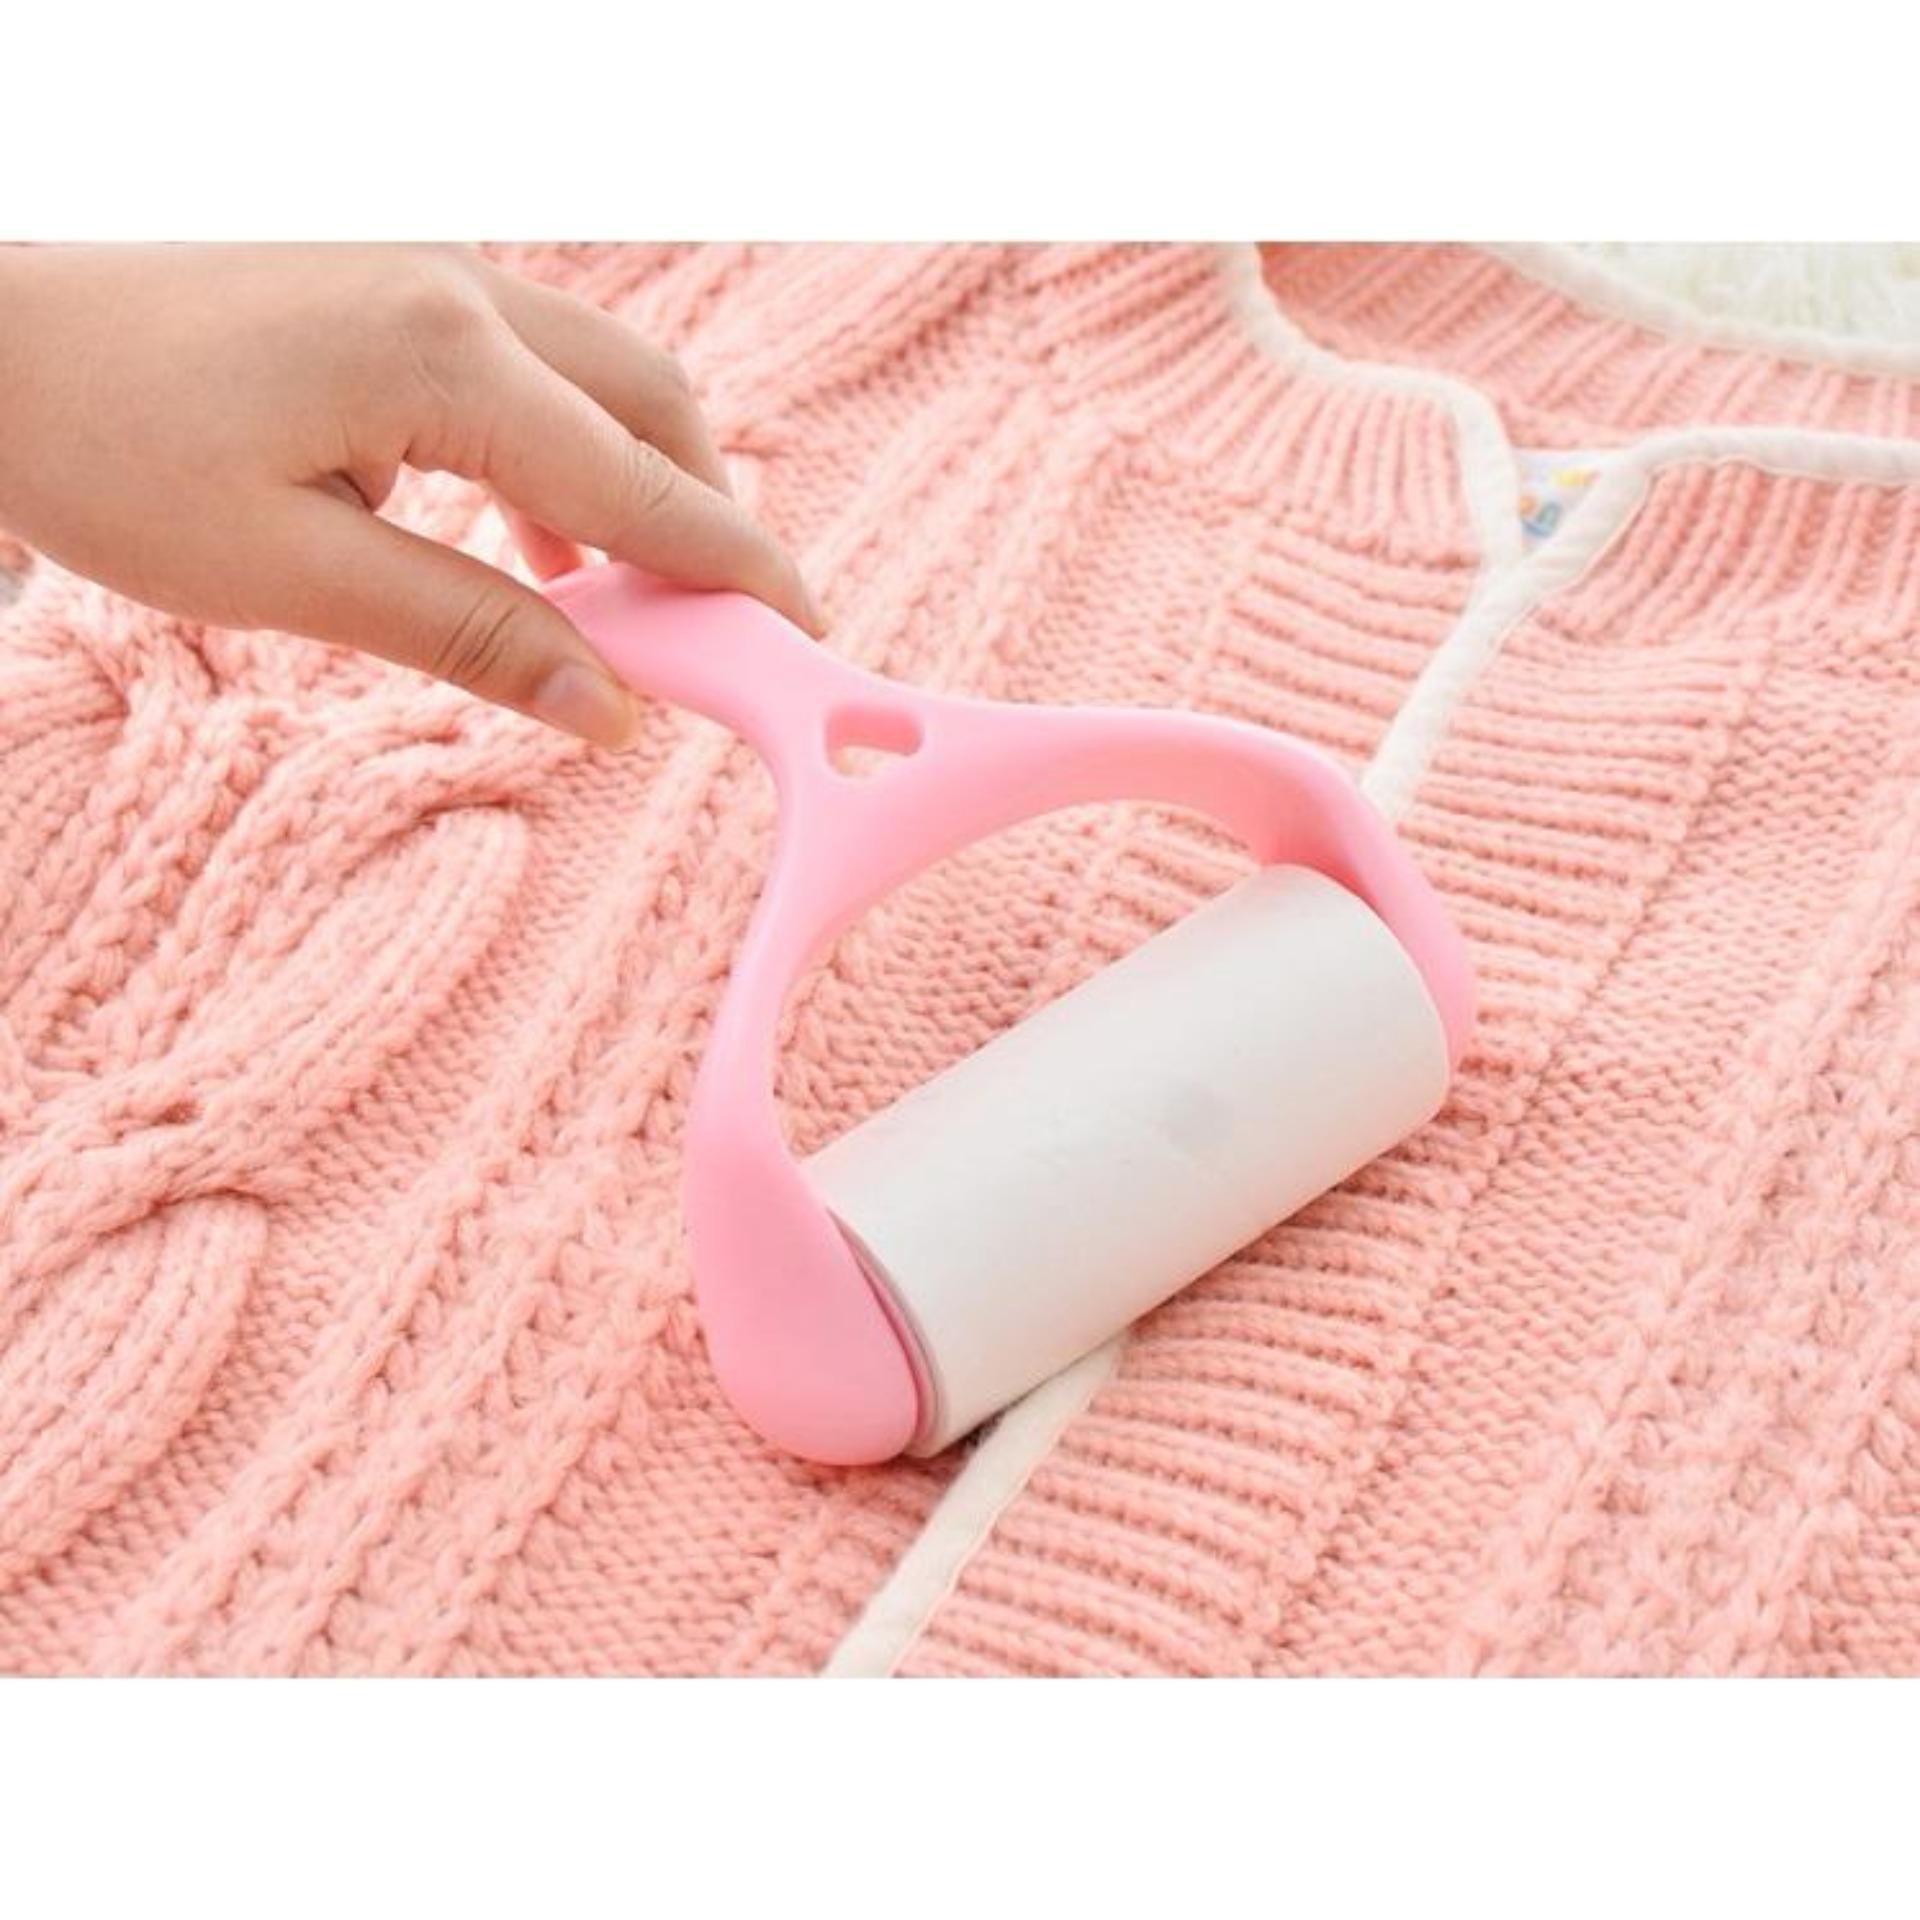 Cuộn giấy cho cây lăn dính bụi quần áo